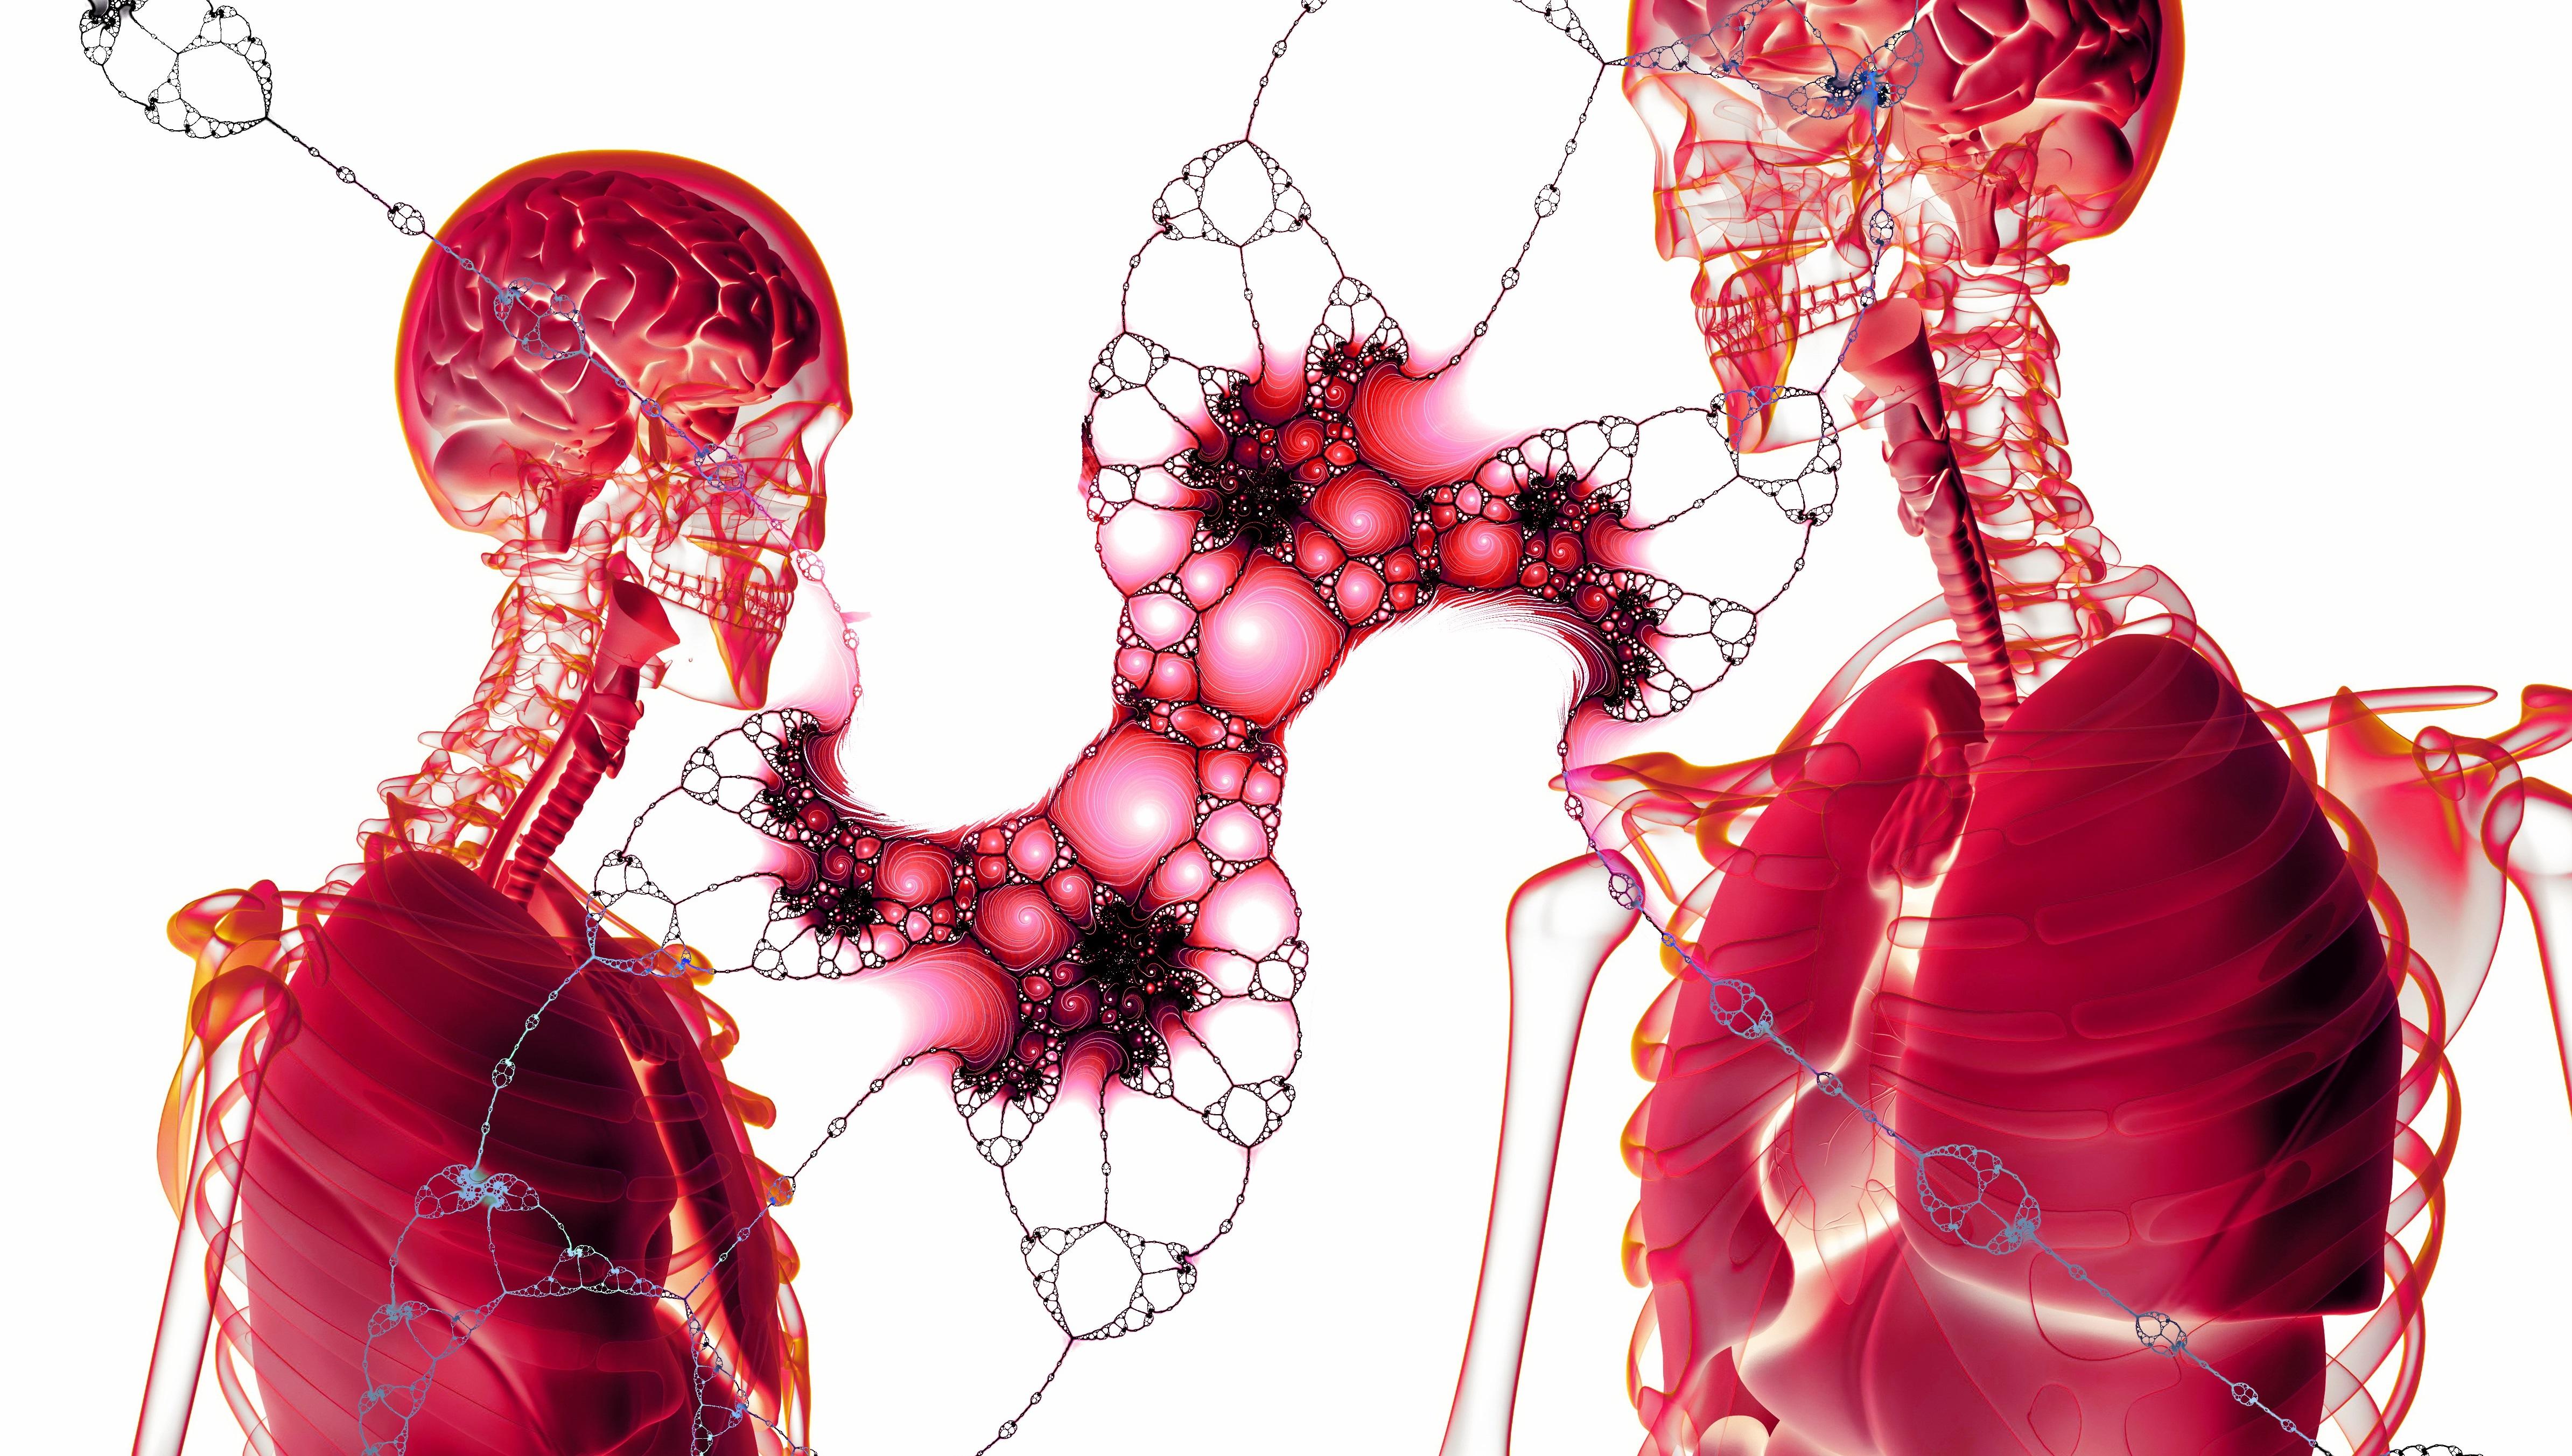 Angiogénesis_la_nueva_clave_de_la_quimioterapia_Maria_Iranzo_Biotec